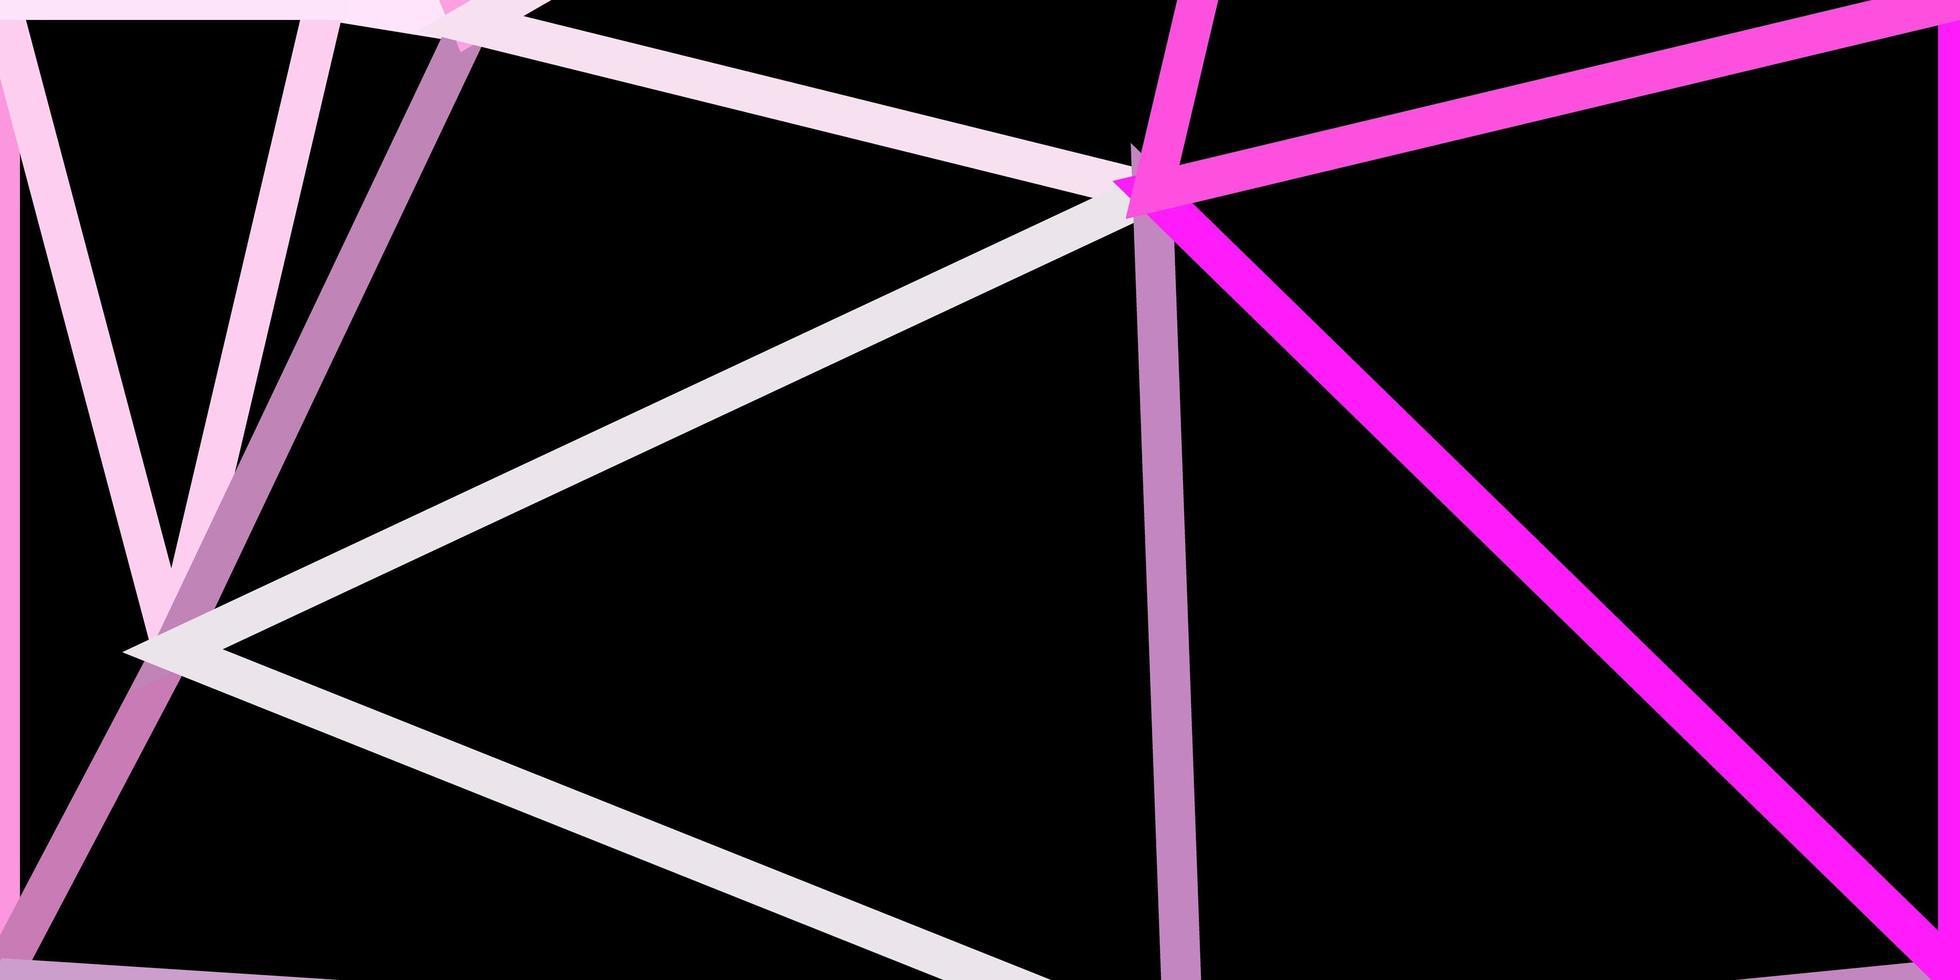 textura de polígono gradiente de vetor rosa claro, amarelo.